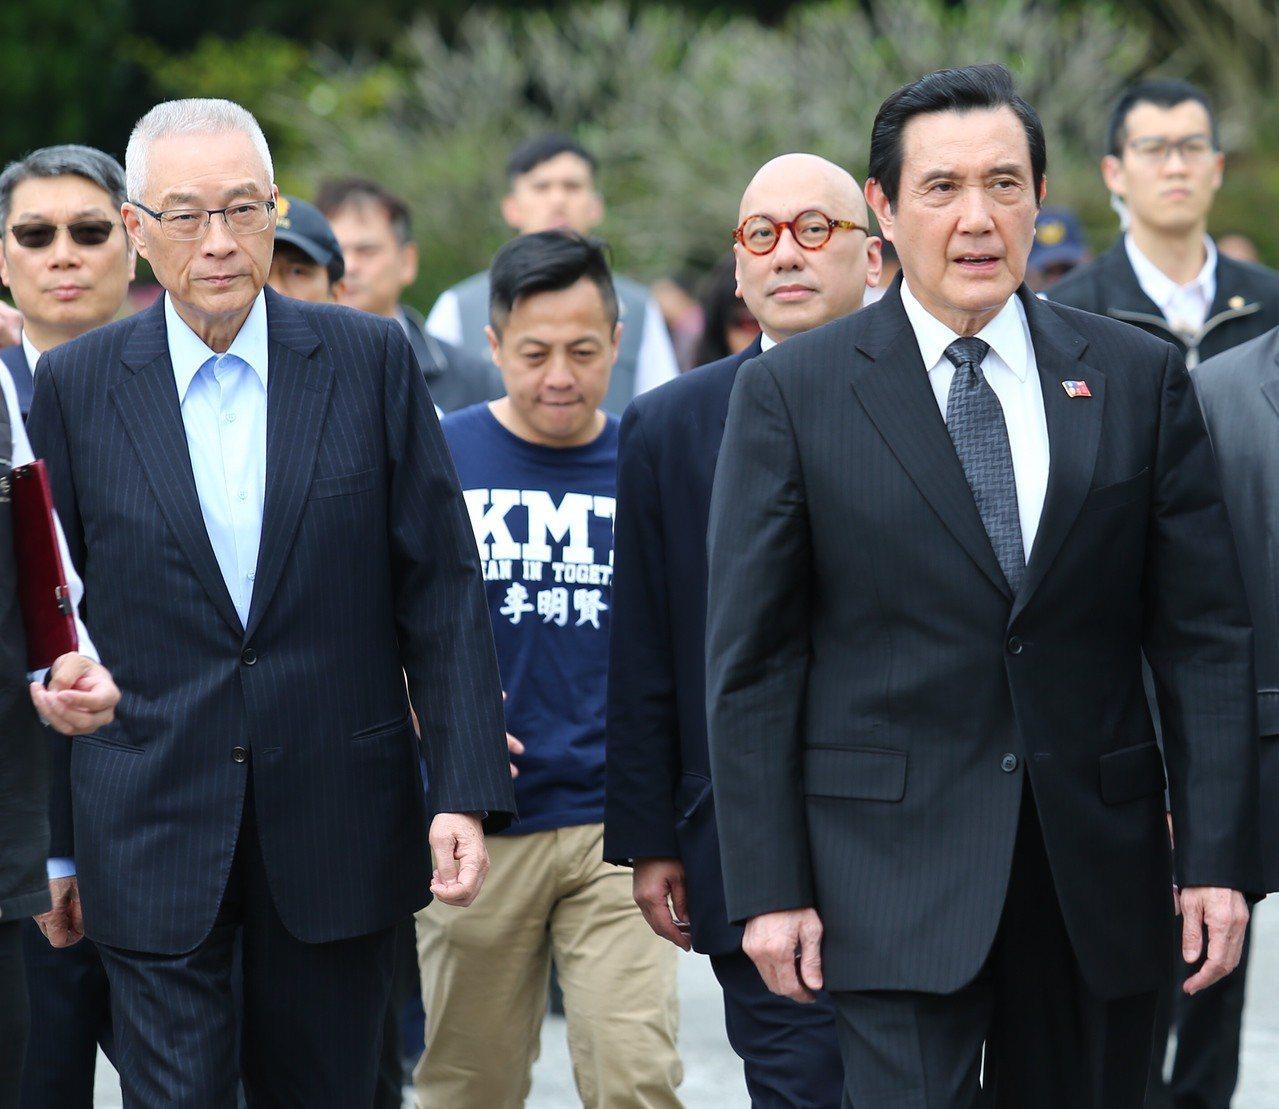 國民黨主席吳敦義(左一)與前總統馬英九(右一)下午出席「蔣公,我們懷念您!」活動...